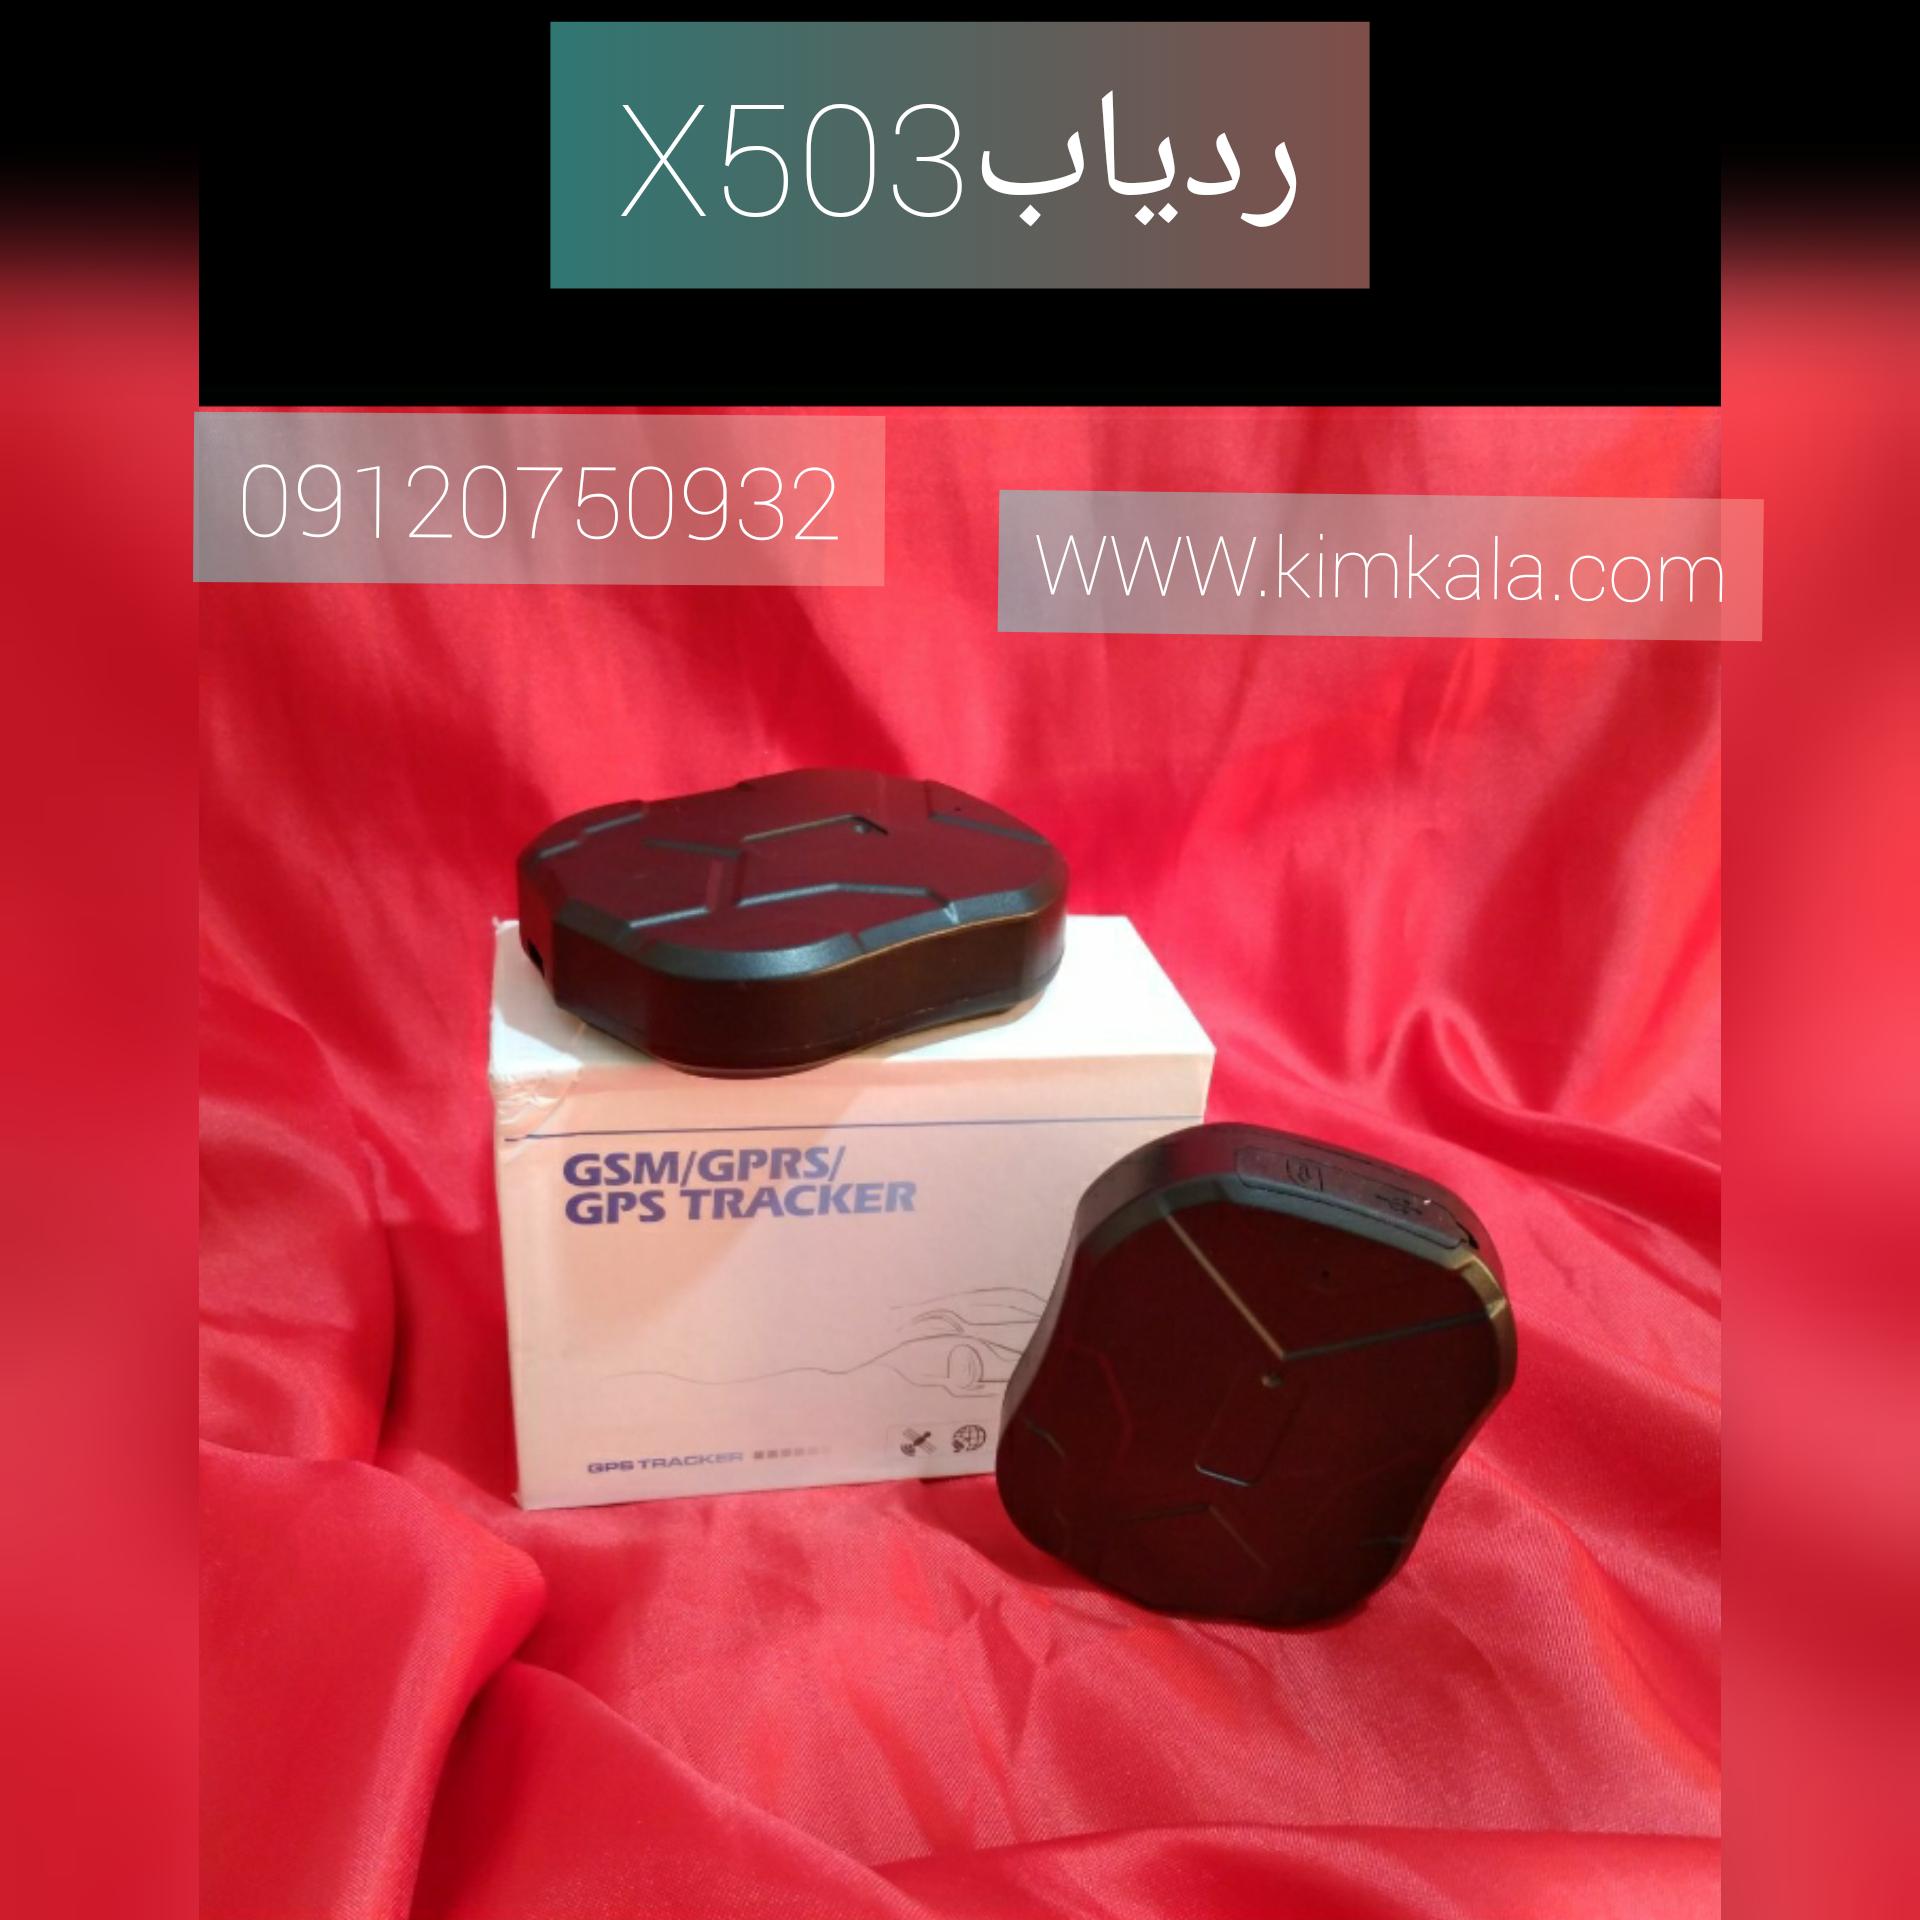 ردیاب سیار آهنربایی X503/قیمت ردیاب /09120750932